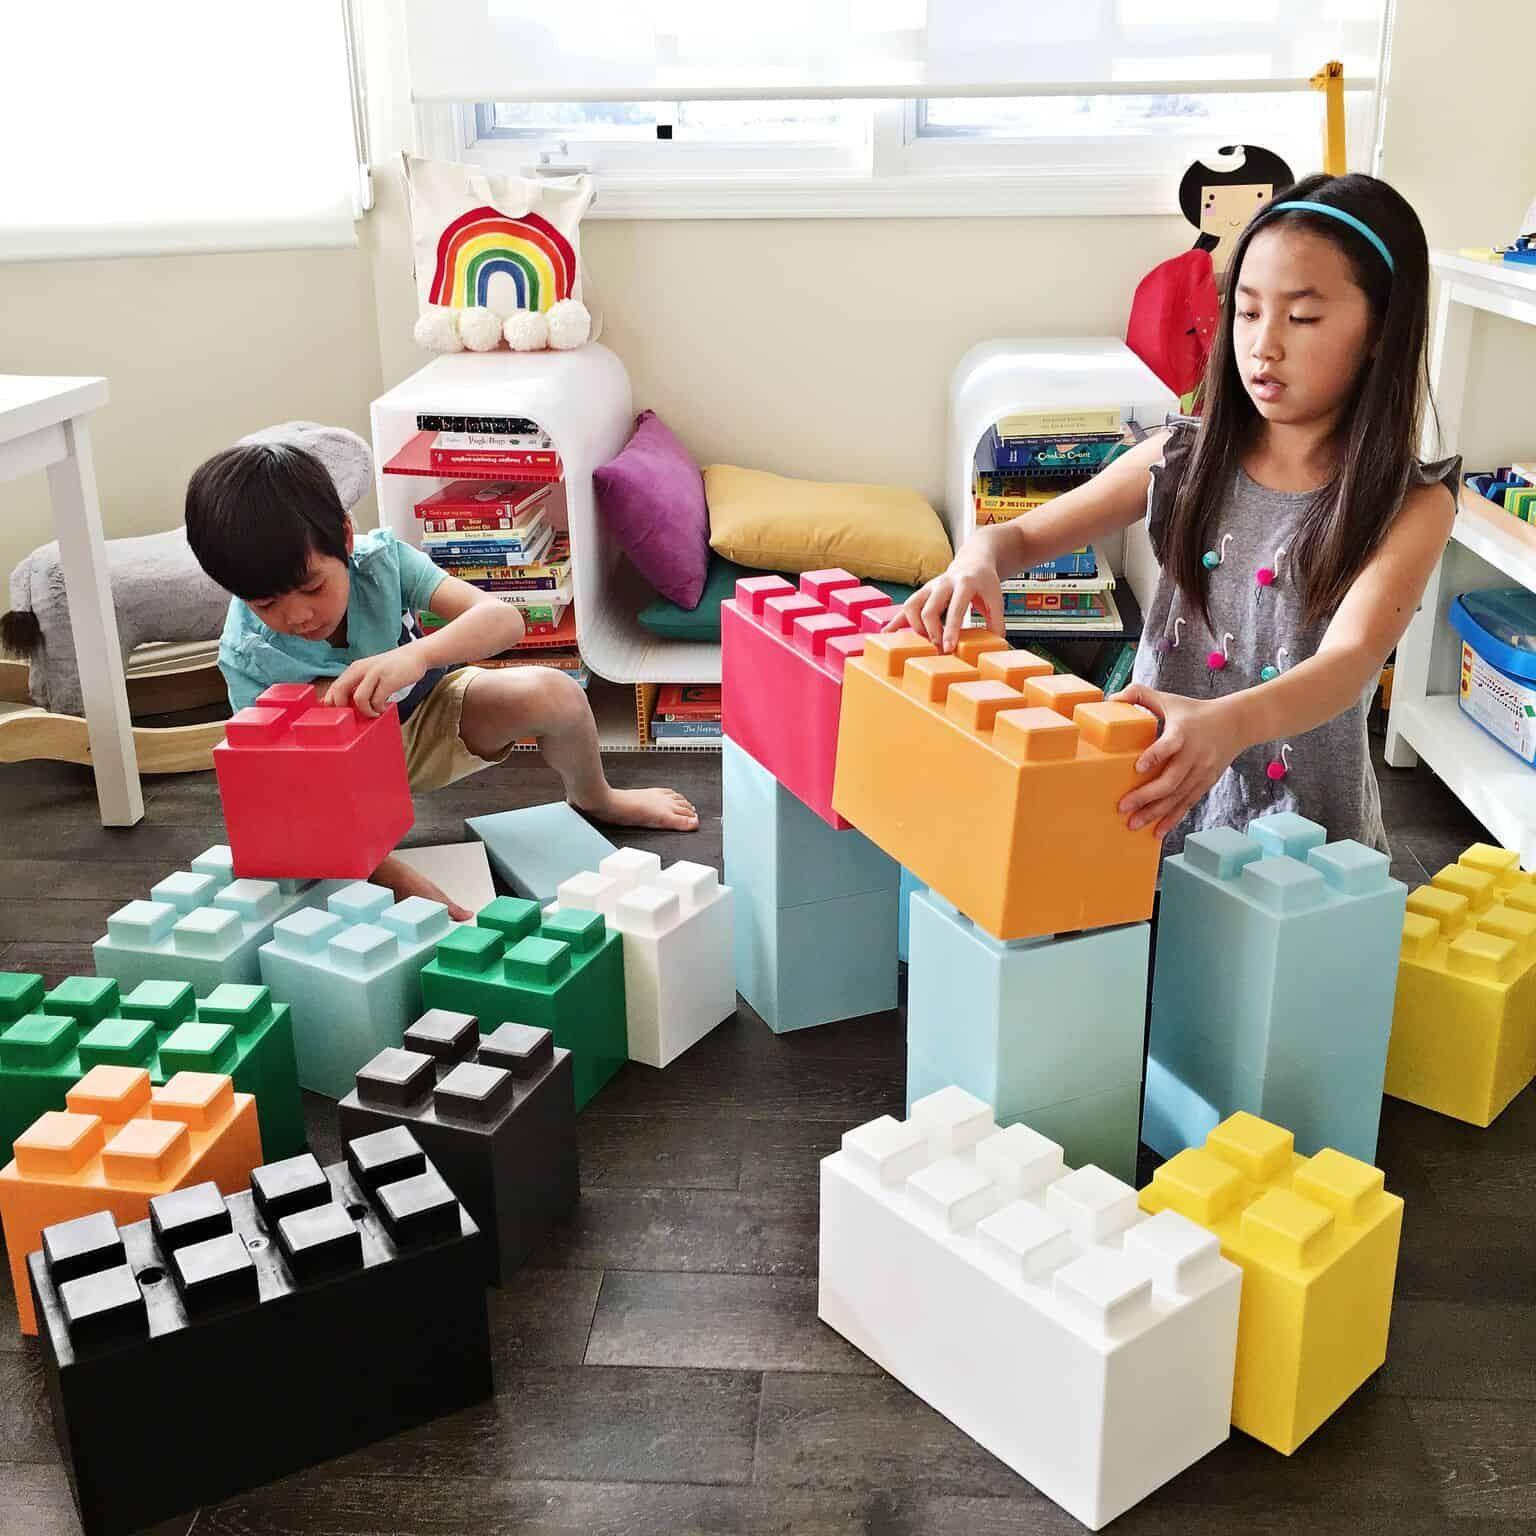 GIANT LEGO LIKE BUILDING BLOCK TOYS FOR KIDS | diy | Kids blocks